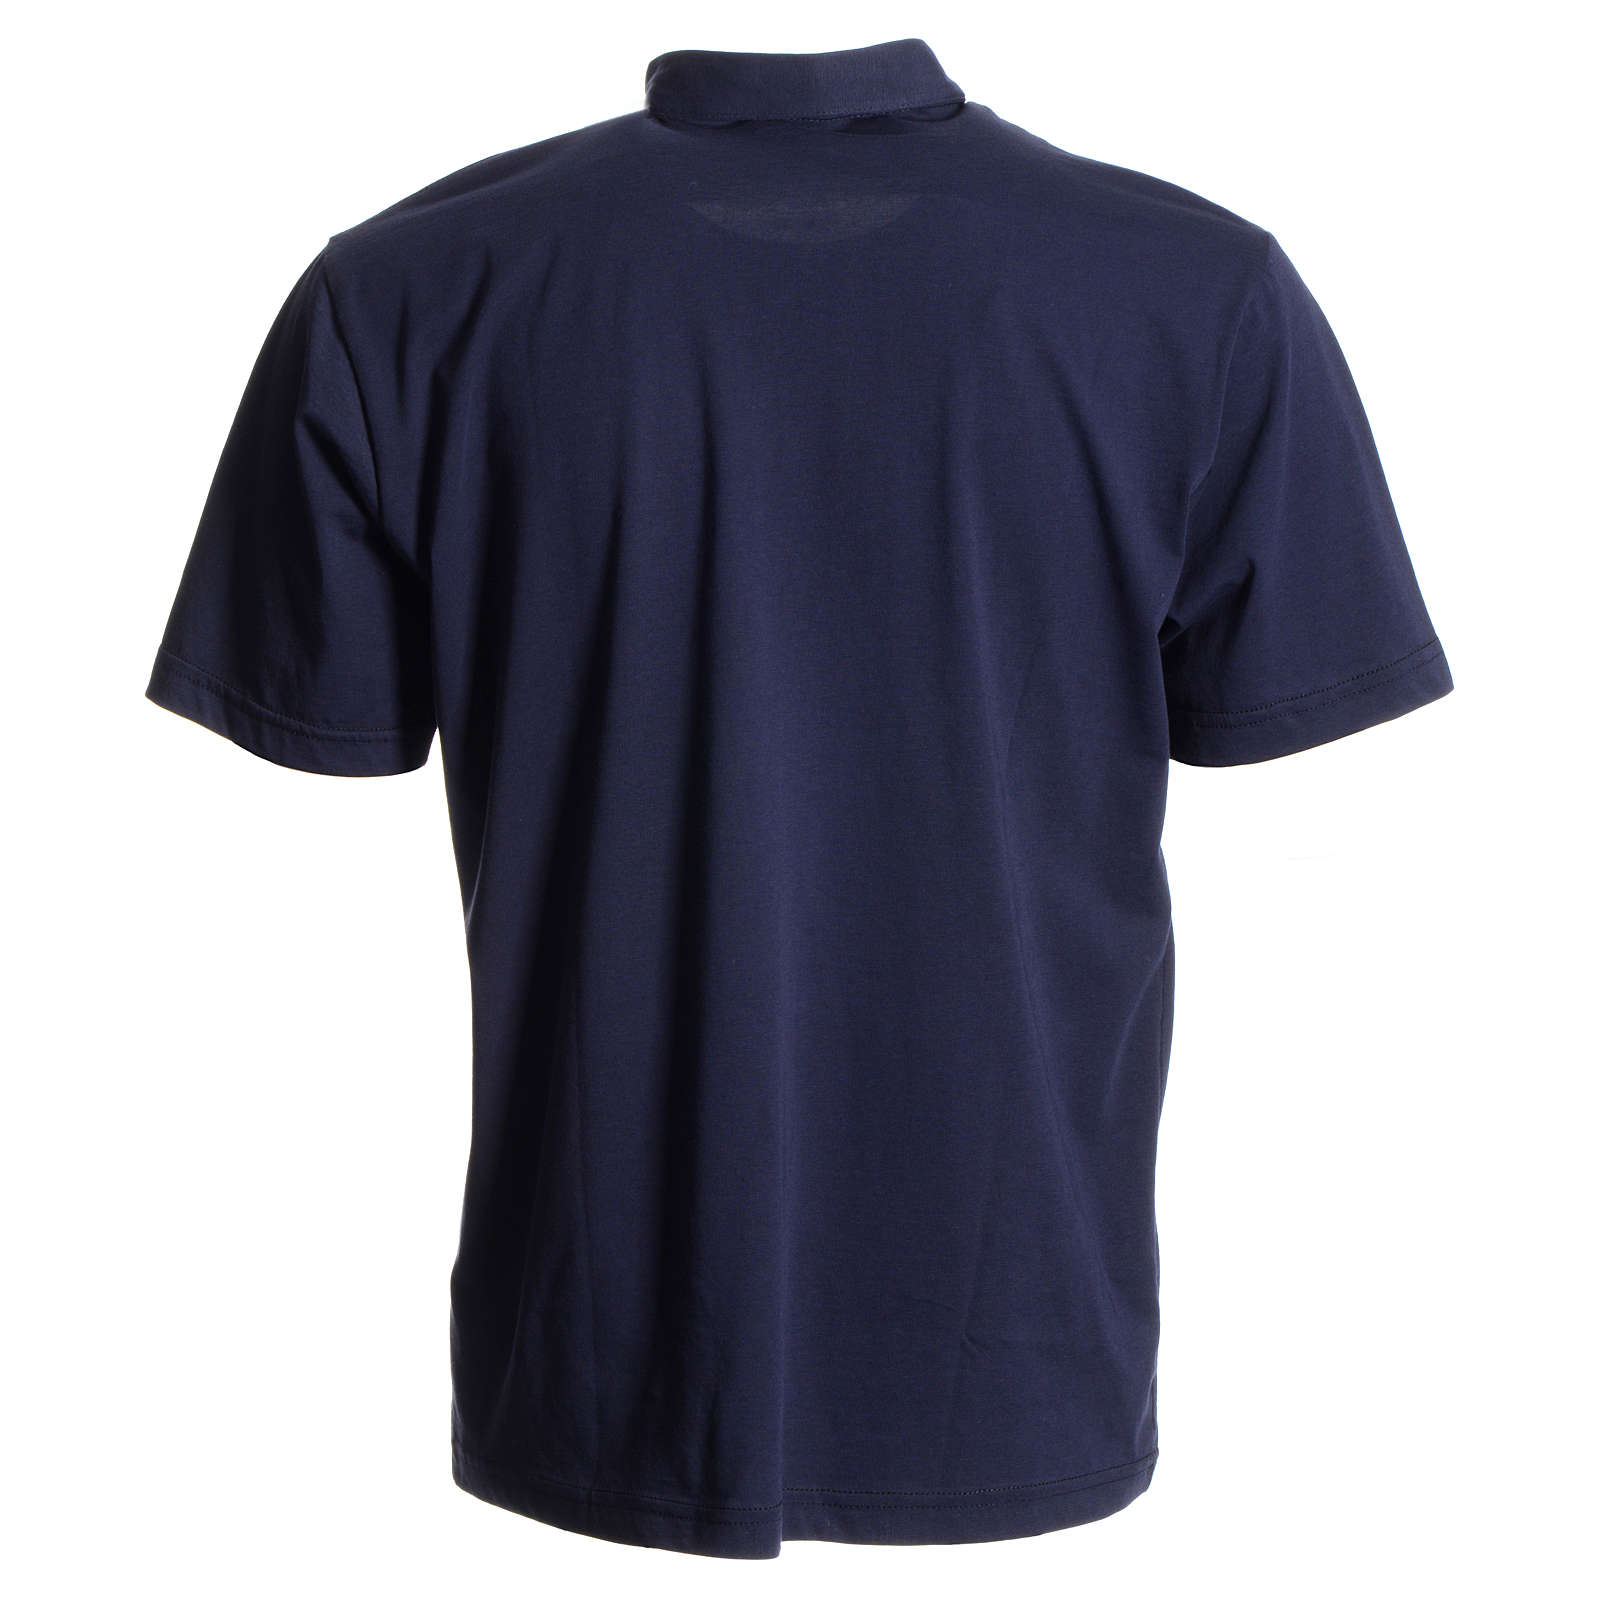 Bluza polo z kołnierzykiem pod koloratkę ciemnoniebieska 100% bawełna 4